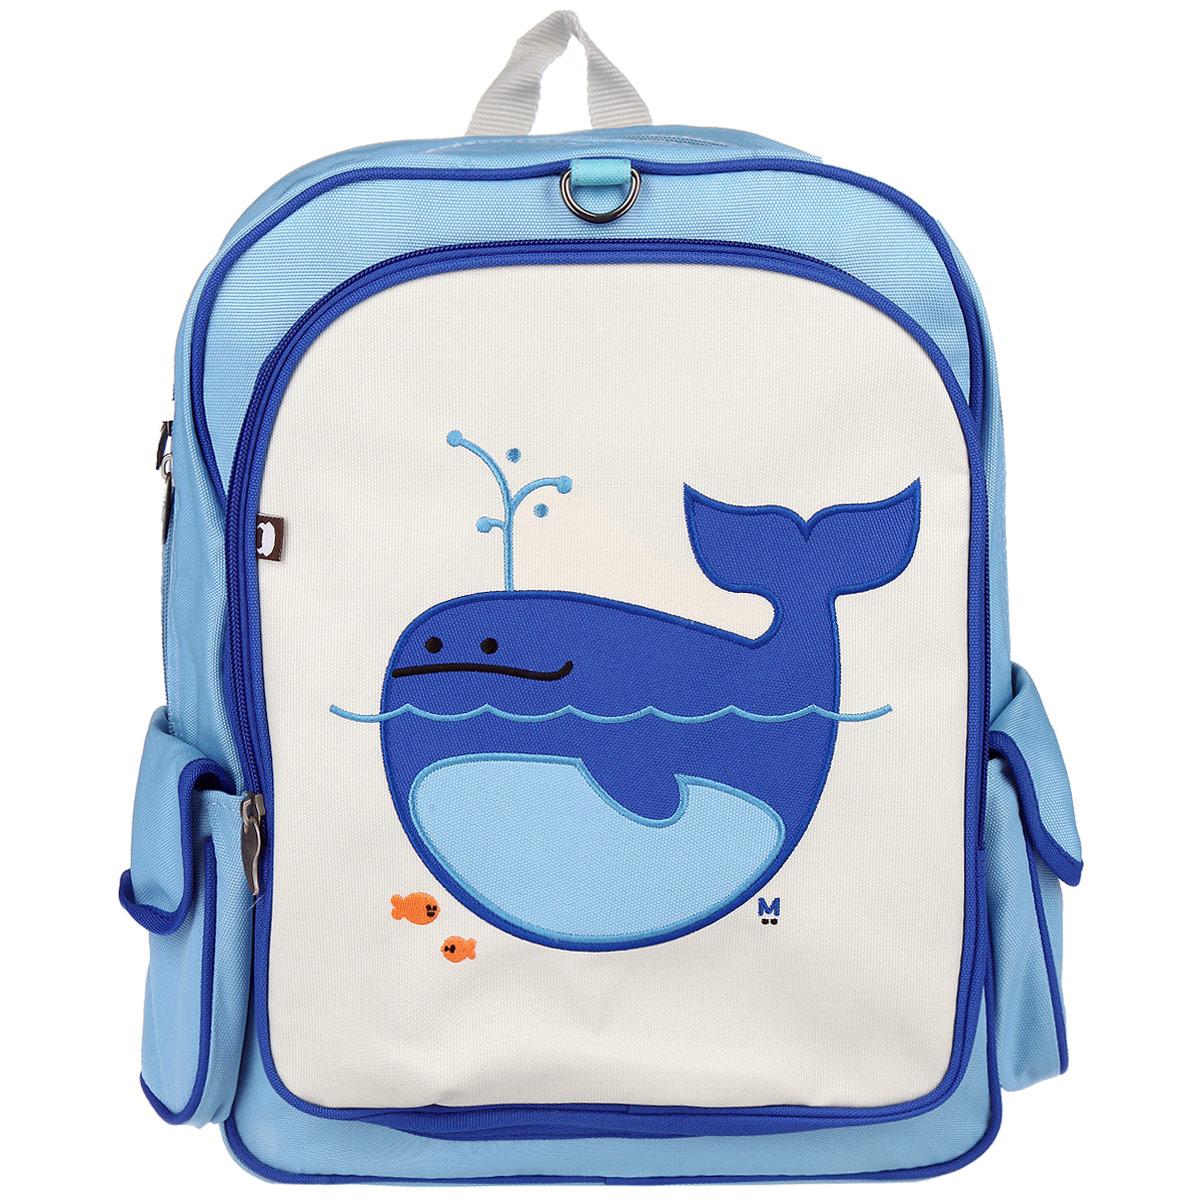 Рюкзак Beatrix Lucas-Whale, цвет: голубой, синий, молочныйAP-1815WРюкзак Beatrix Lucas-Whale обязательно привлечет внимание вашего ребенка.Выполнен из прочного и высококачественного материала голубого, синего и молочного цветов и оформлен аппликацией с изображением кита. Рюкзак состоит из вместительного отделения, закрывающегося на застежку-молнию с двумя бегунками. Бегунки застежки дополнены металлическими держателями. Внутри отделения находится нашивной карман на застежке-молнии. На задней стенке рюкзака имеется нашивка, на которой можно указать данные владельца. Лицевая сторона оснащена накладным карманом на молнии. Рюкзак имеет два накладных боковых кармана на липучке. Мягкие широкие лямки позволяют легко и быстро отрегулировать рюкзак в соответствии с ростом. Рюкзак оснащен удобной текстильной ручкой для переноски в руке.Этот рюкзак можно использовать для повседневных прогулок, отдыха и спорта, а также как элемент вашего имиджа.